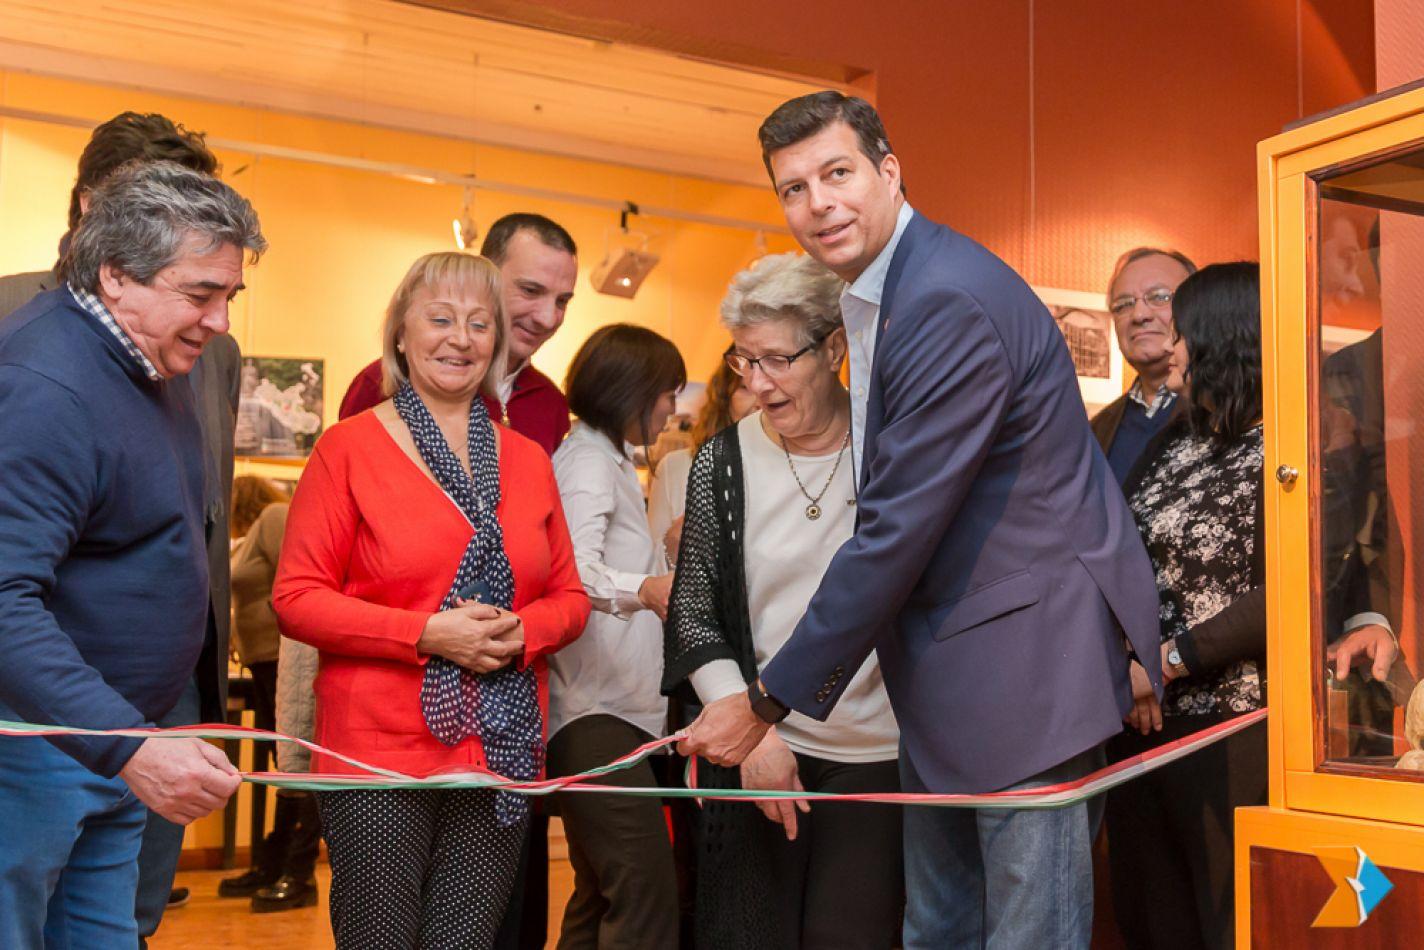 La Sociedad Italiana celebró el 70º aniversario de la llegada de los primeros inmigrantes a Ushuaia